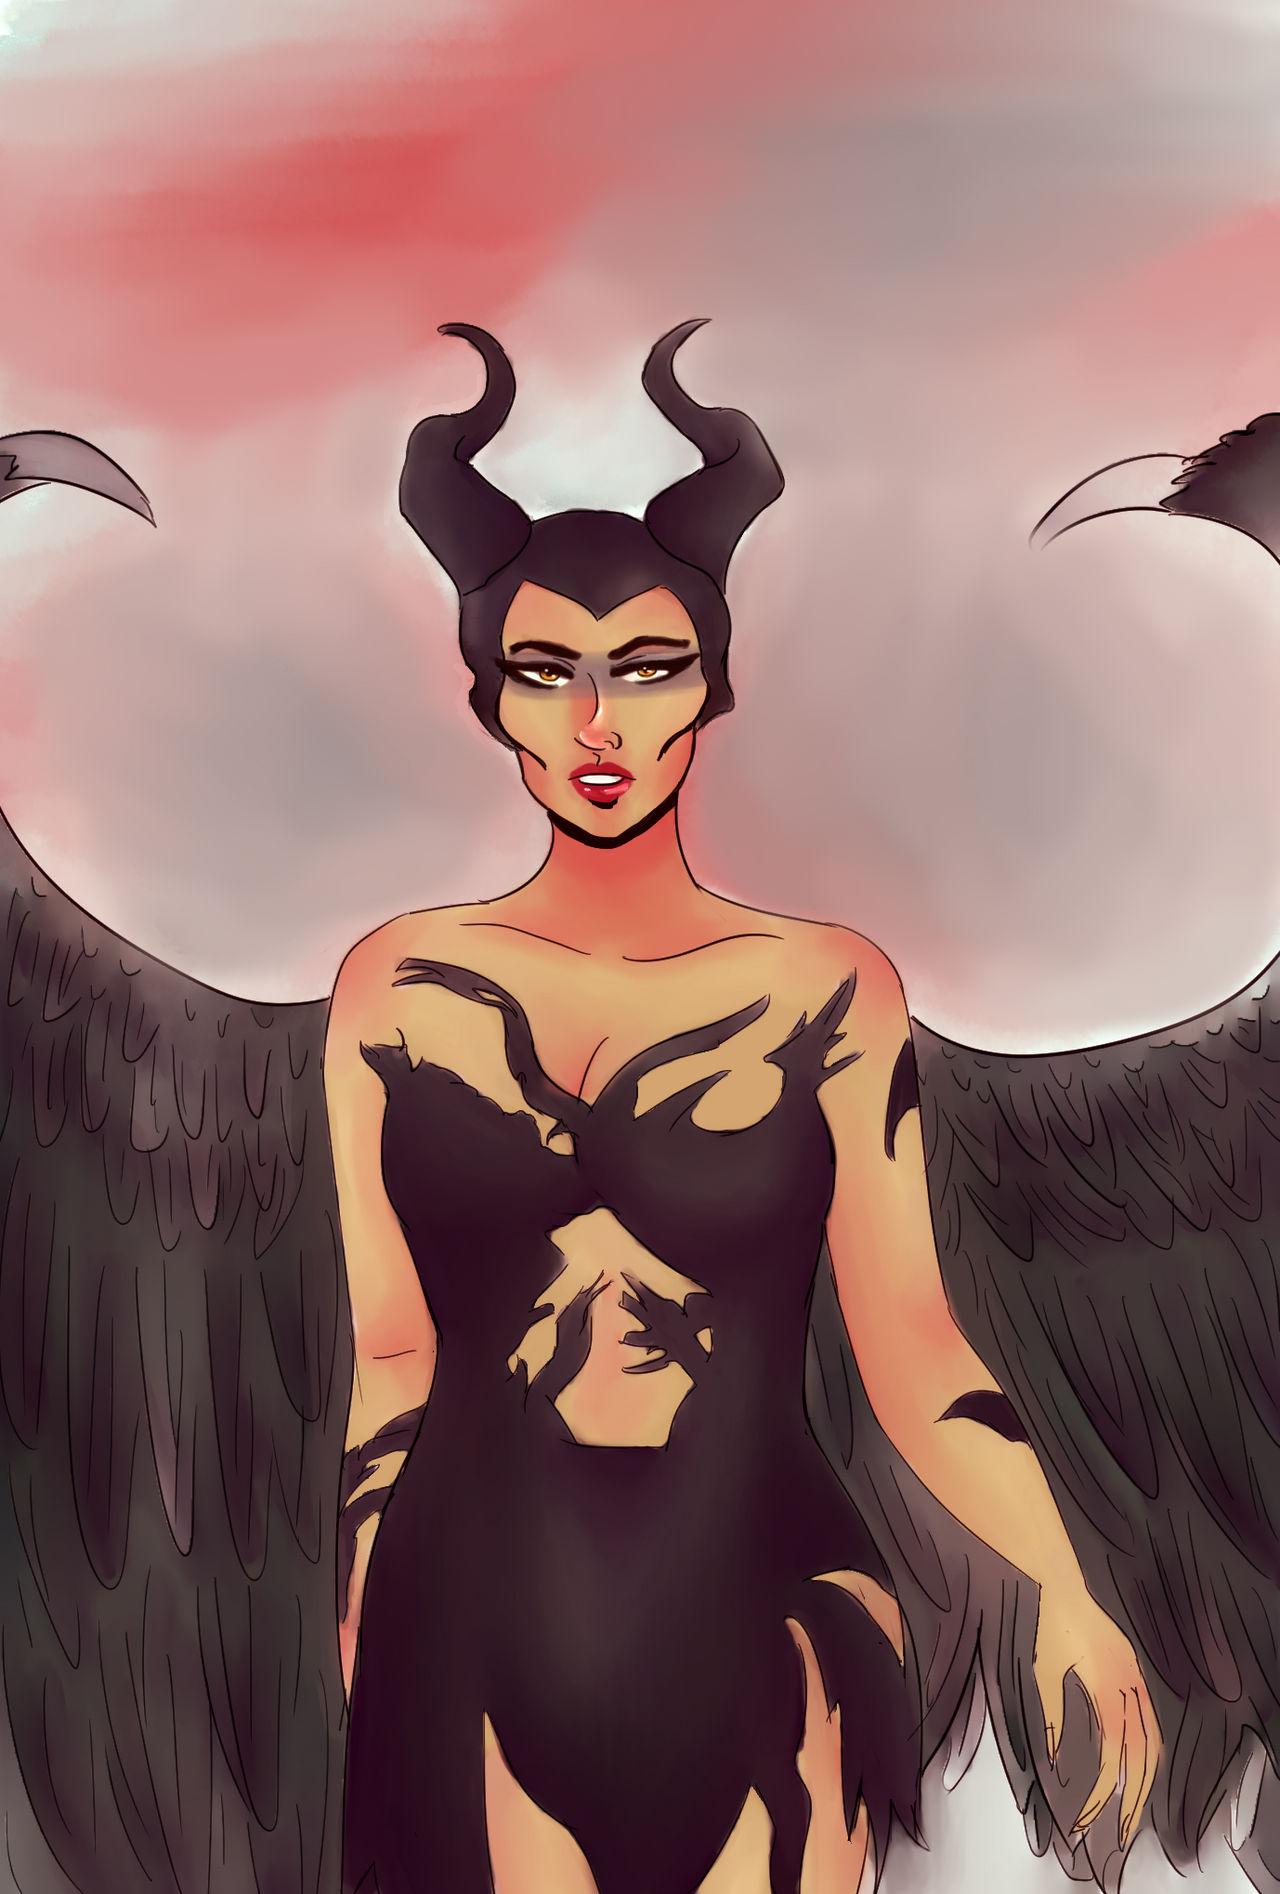 Maleficent Mistress Of Evil By Citrusbutch On Deviantart